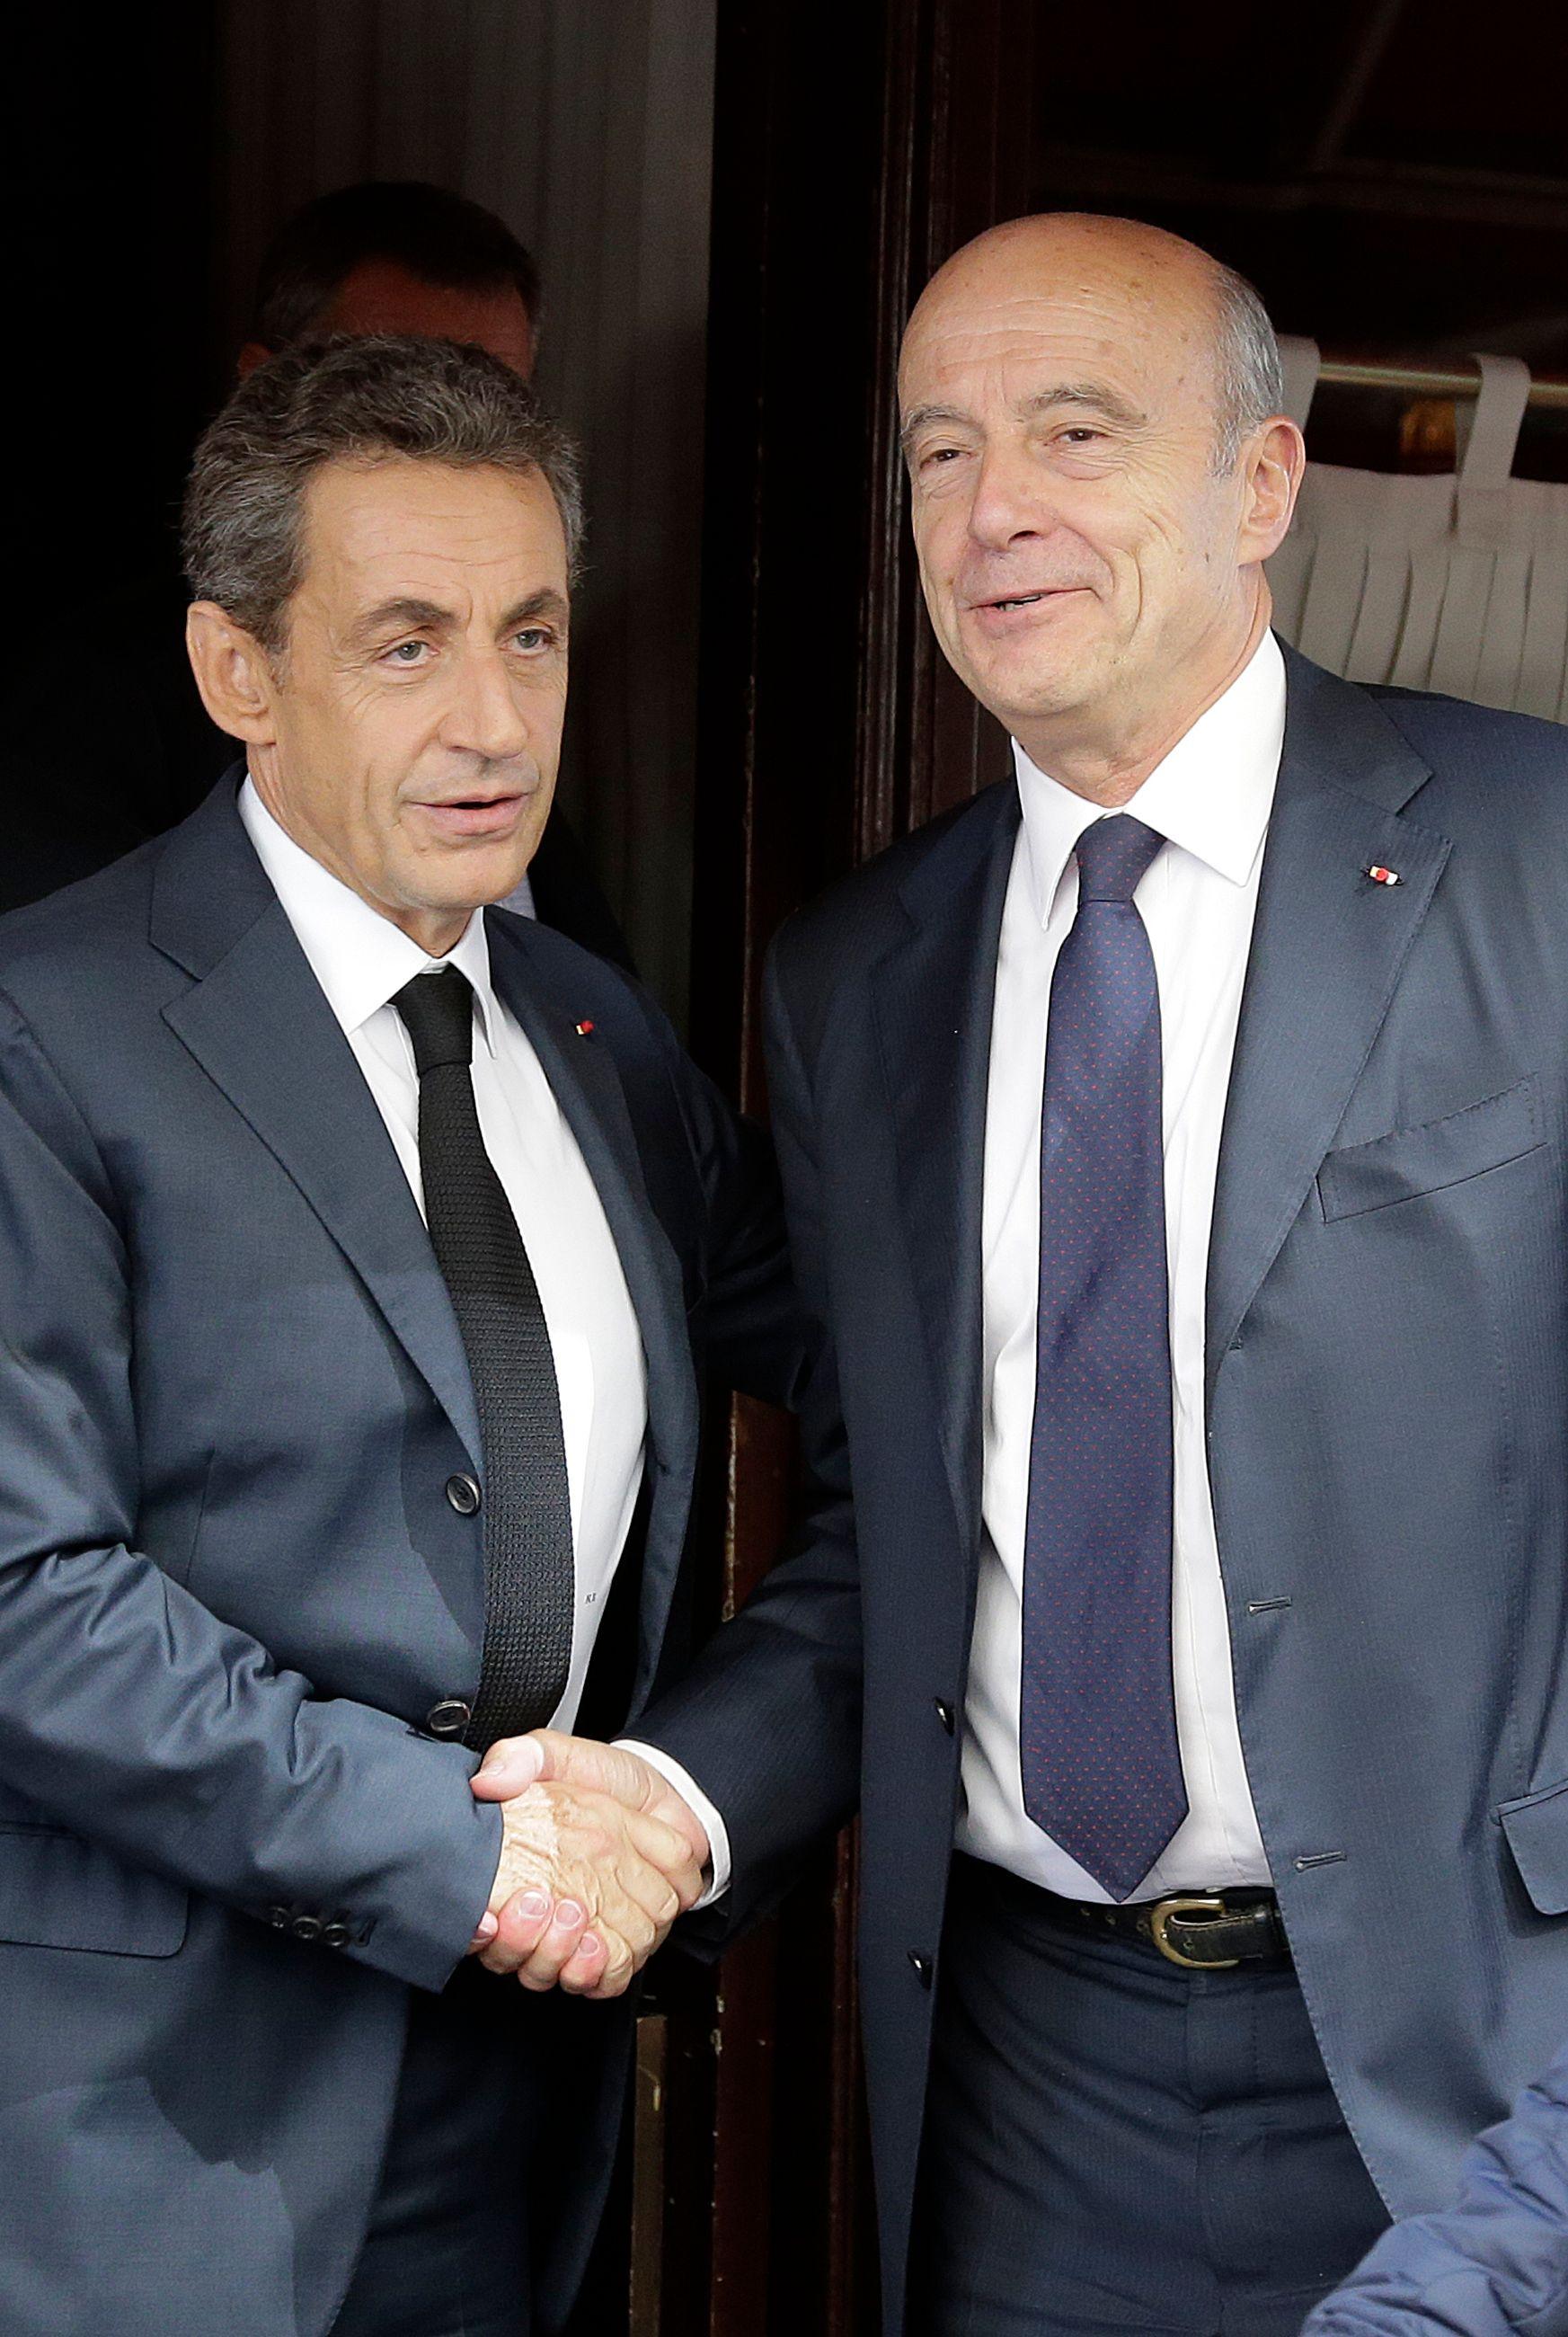 Guerre des primaires : les tensions Sarkozy Juppé pourraient-elles finir par déboucher sur une double candidature en 2017 ?